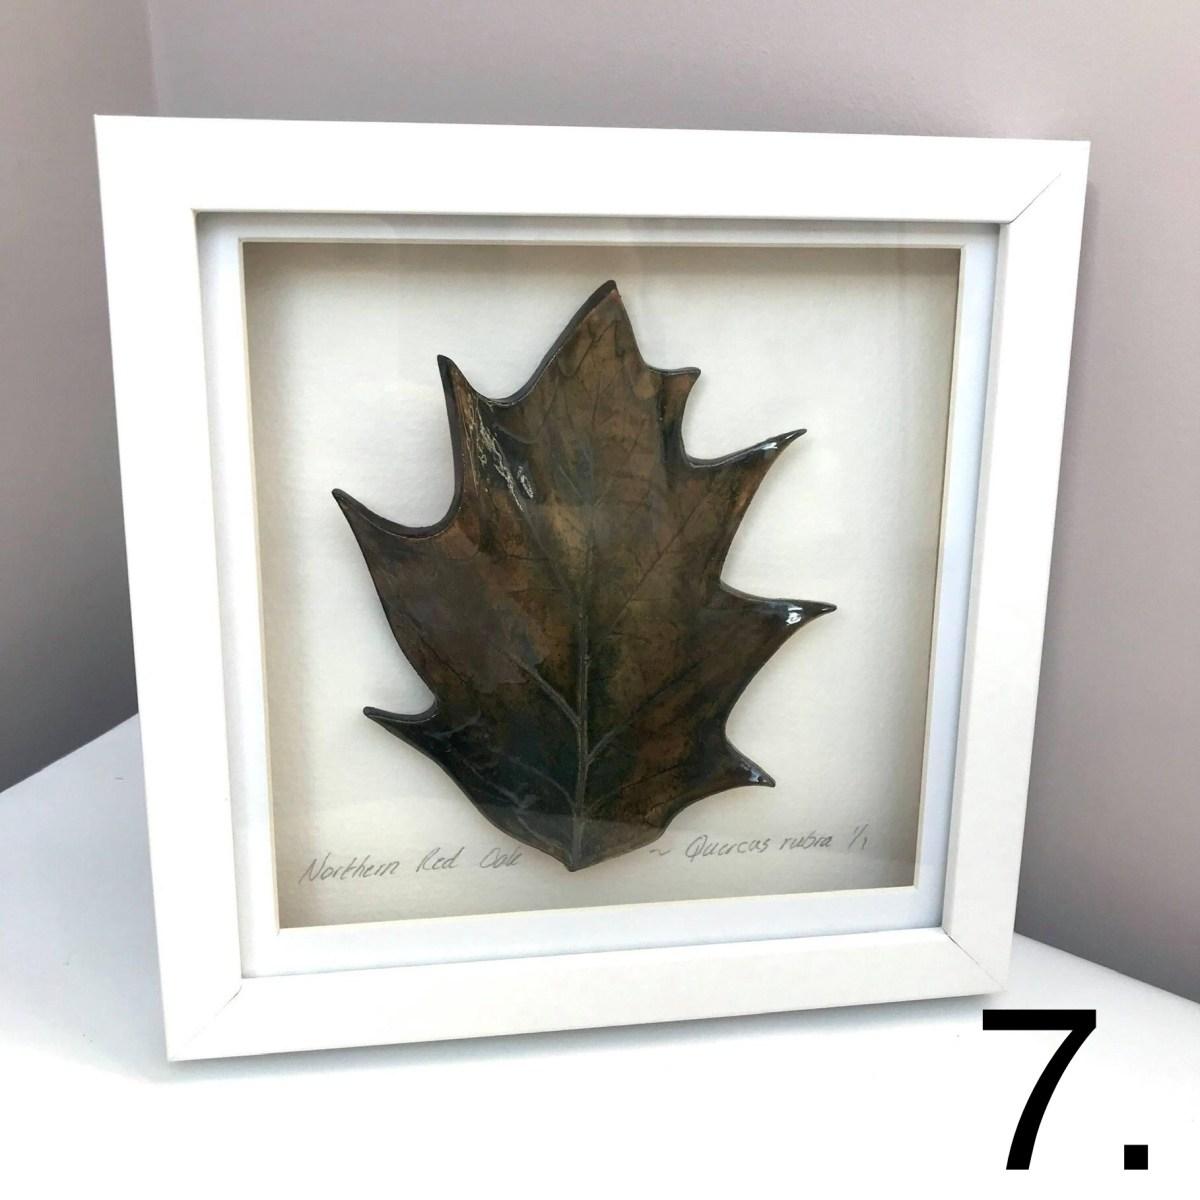 Framed Black Oak Leaf By Ceramics Inspired By Nature